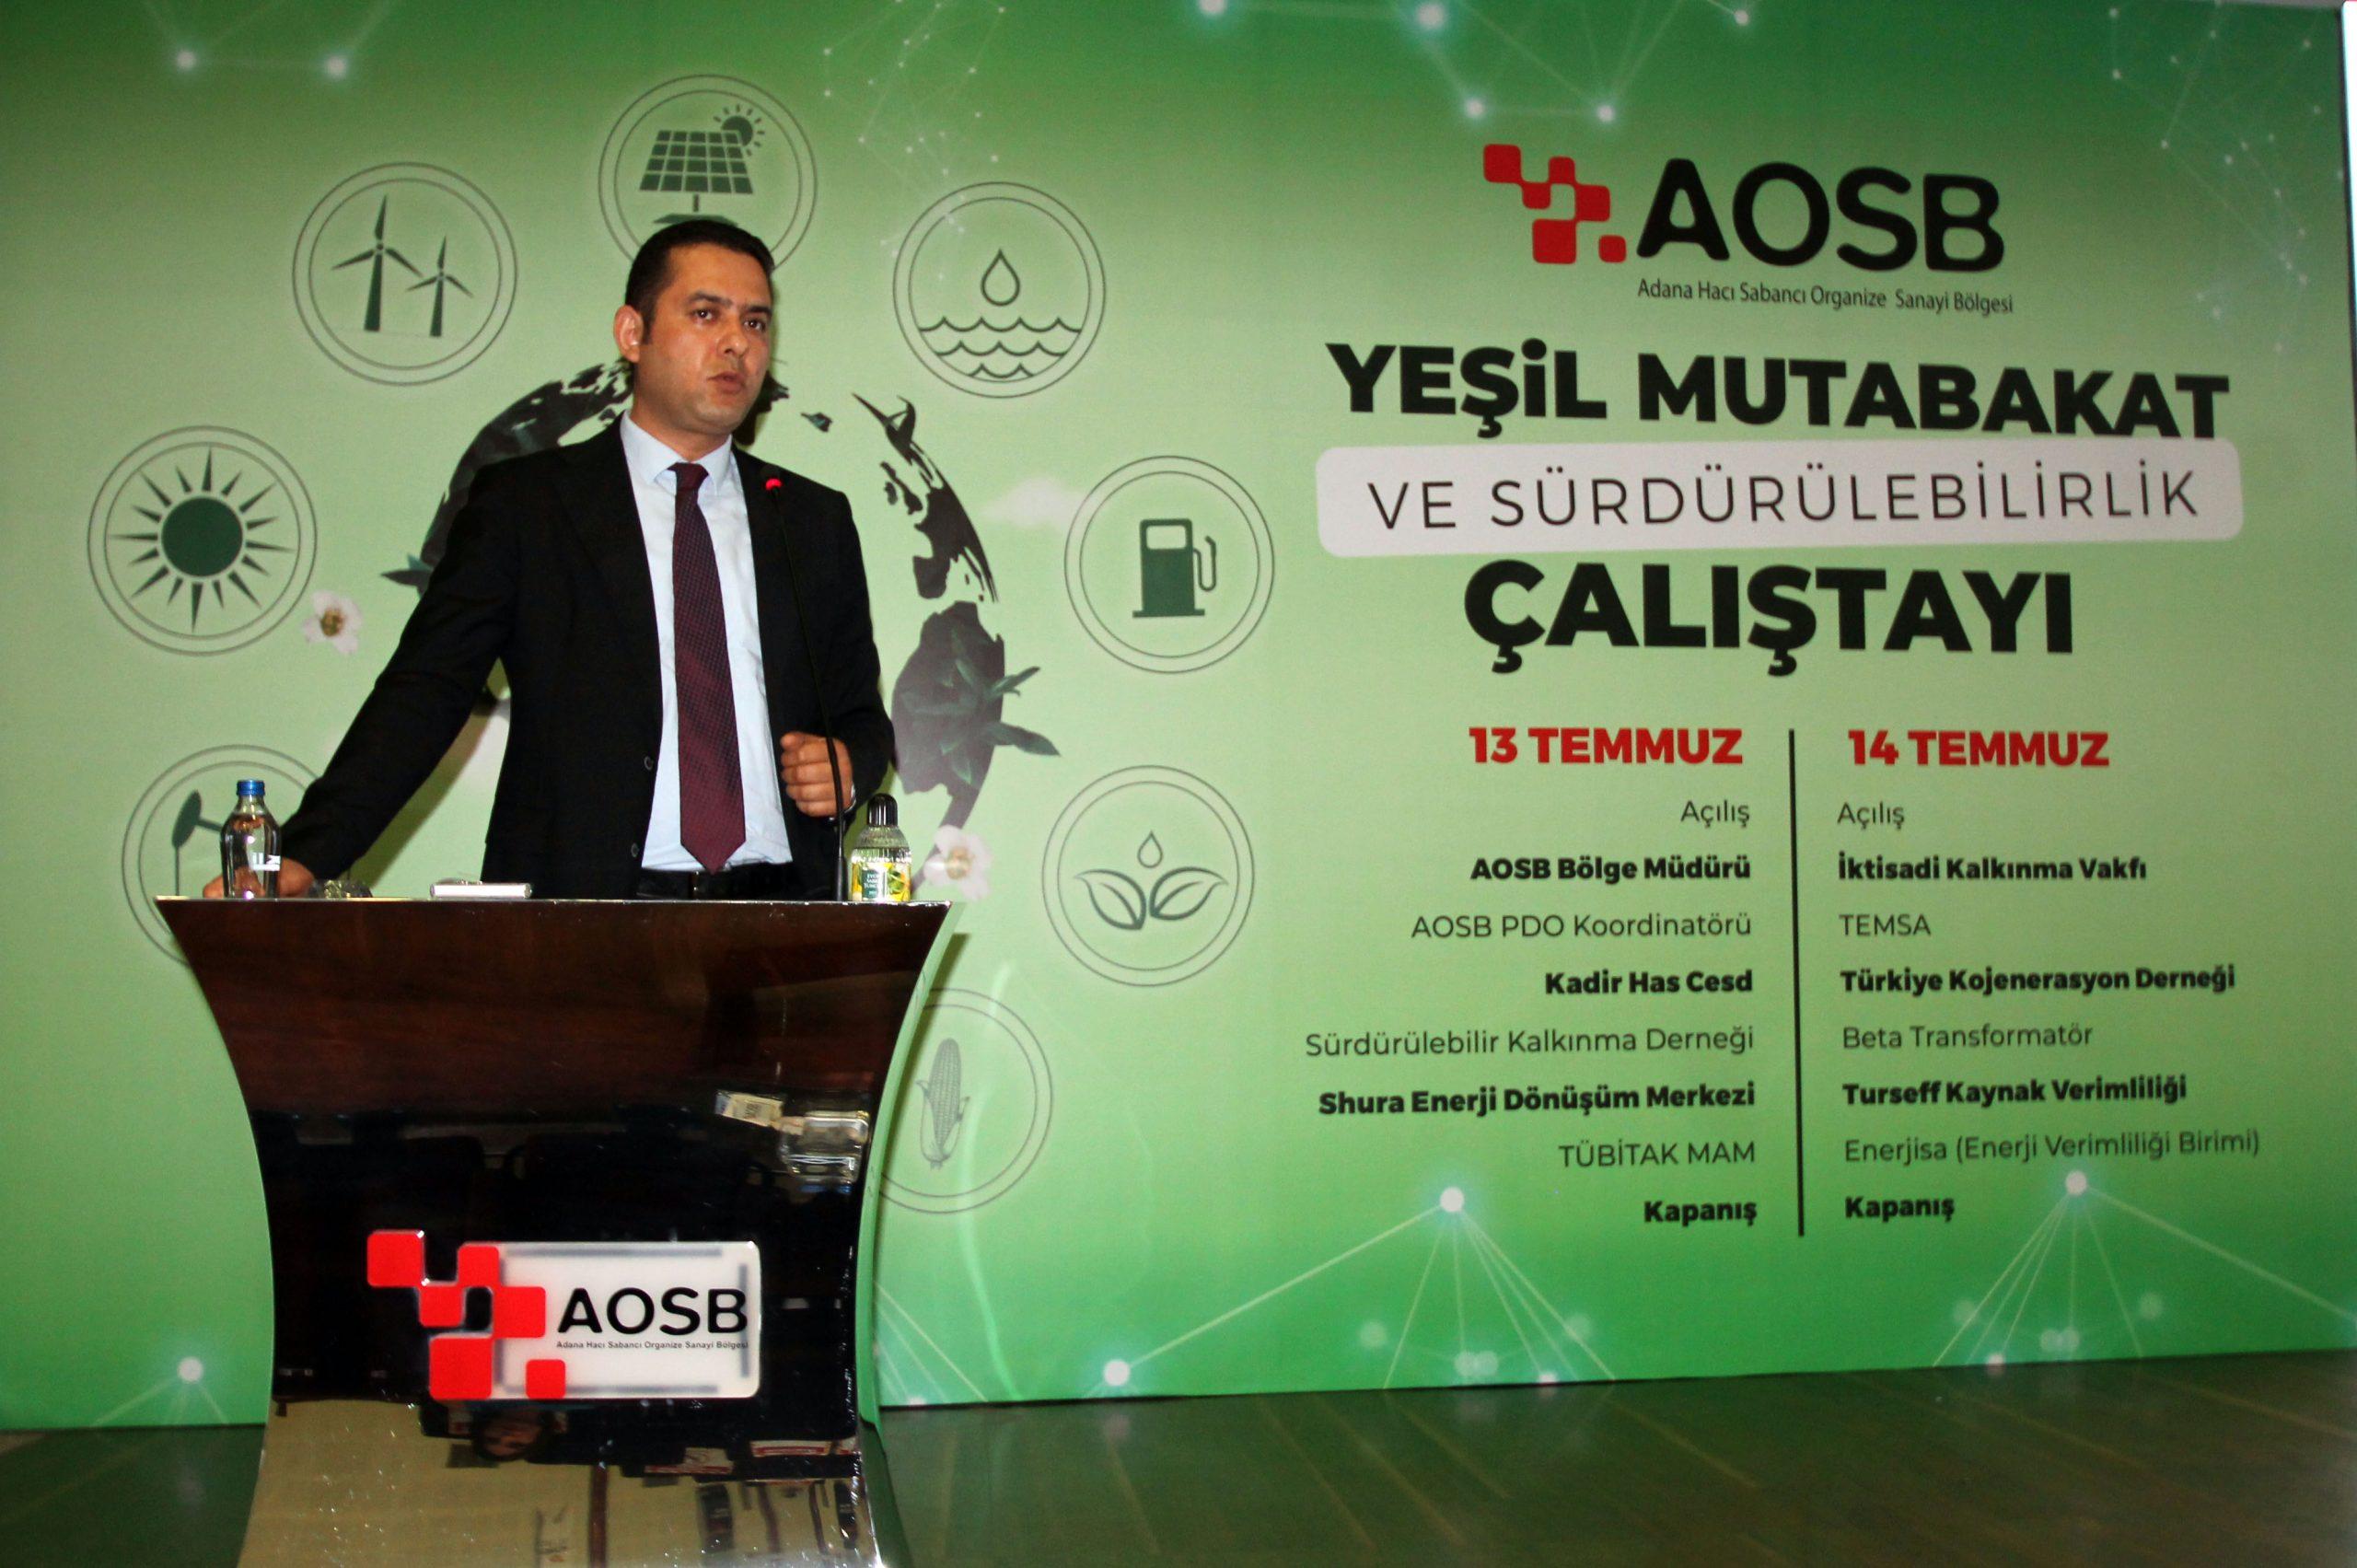 AOSB Bölge Müdürü Ersin Akpınar